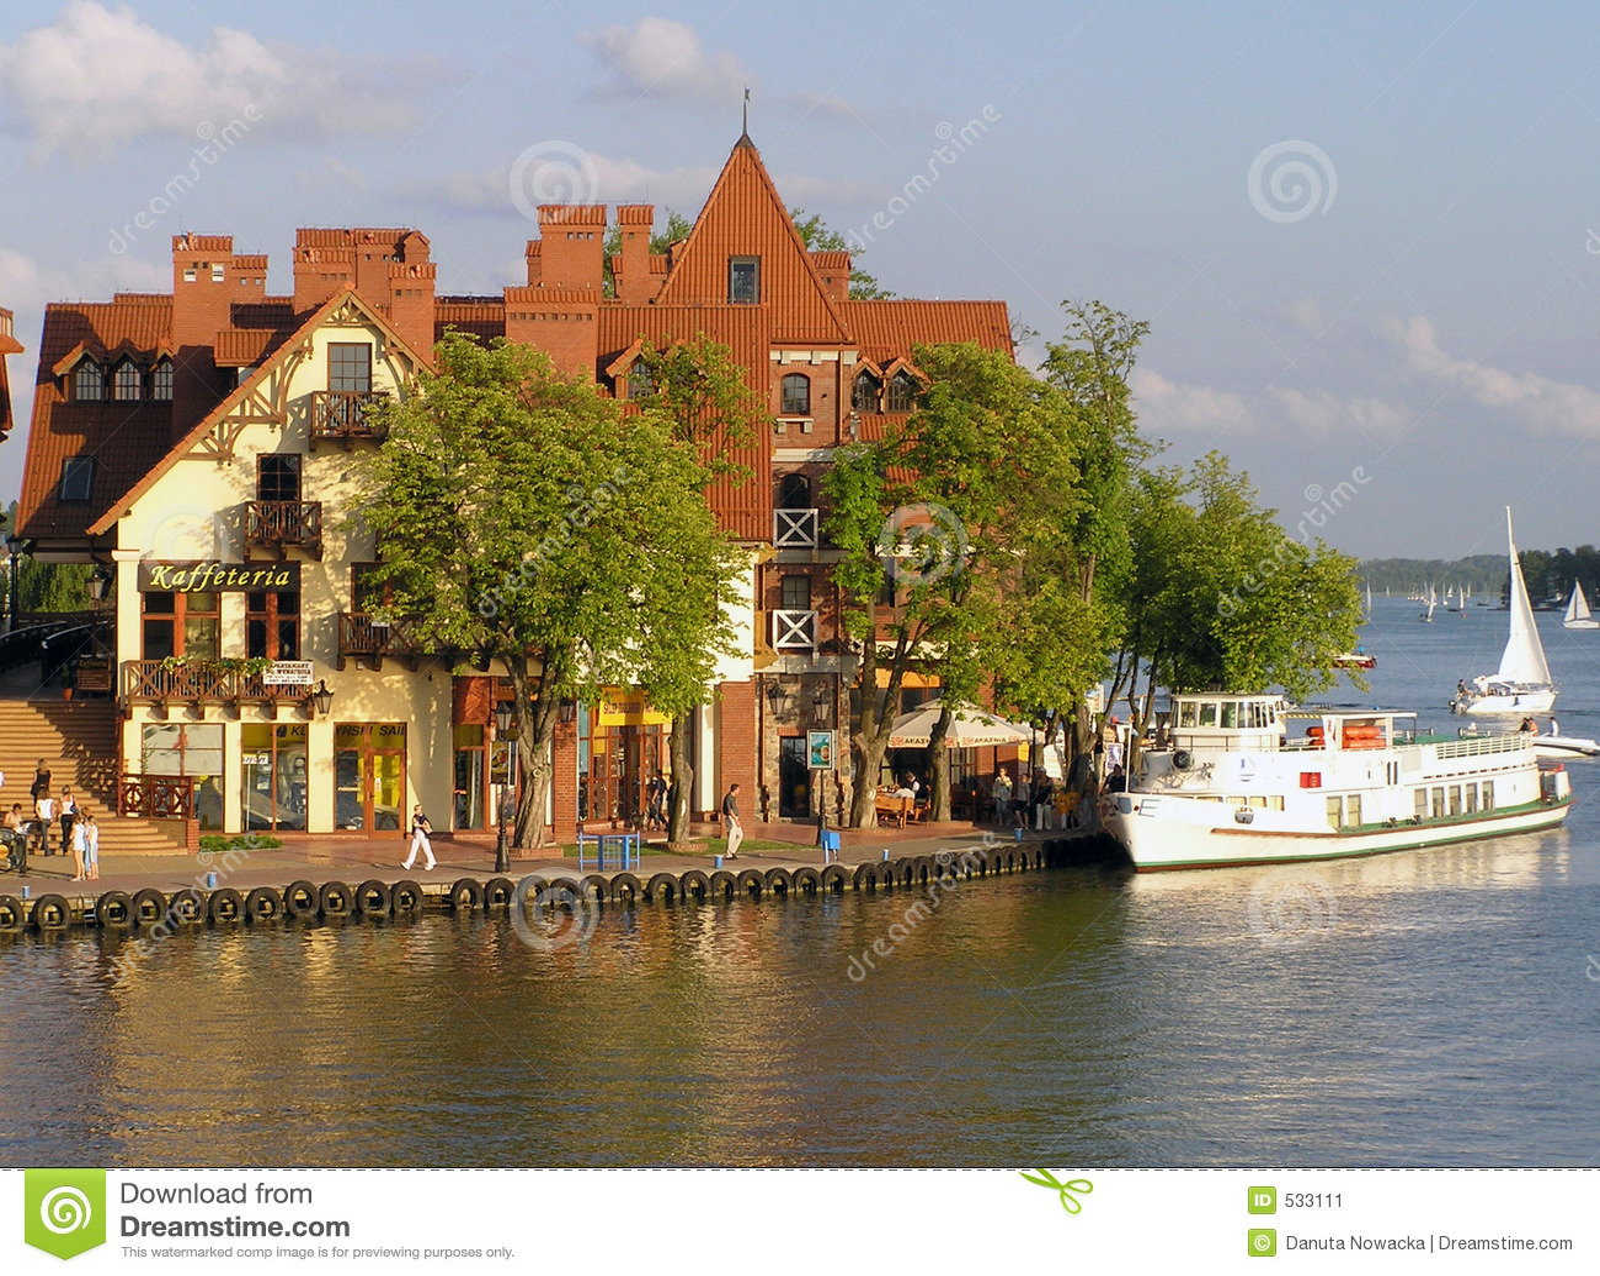 Download Mikolajki城镇 库存图片. 图片 包括有 拱道, 旅行, 城镇, 欧洲, 堤防, 小船, 波兰, 游艇 - 533111